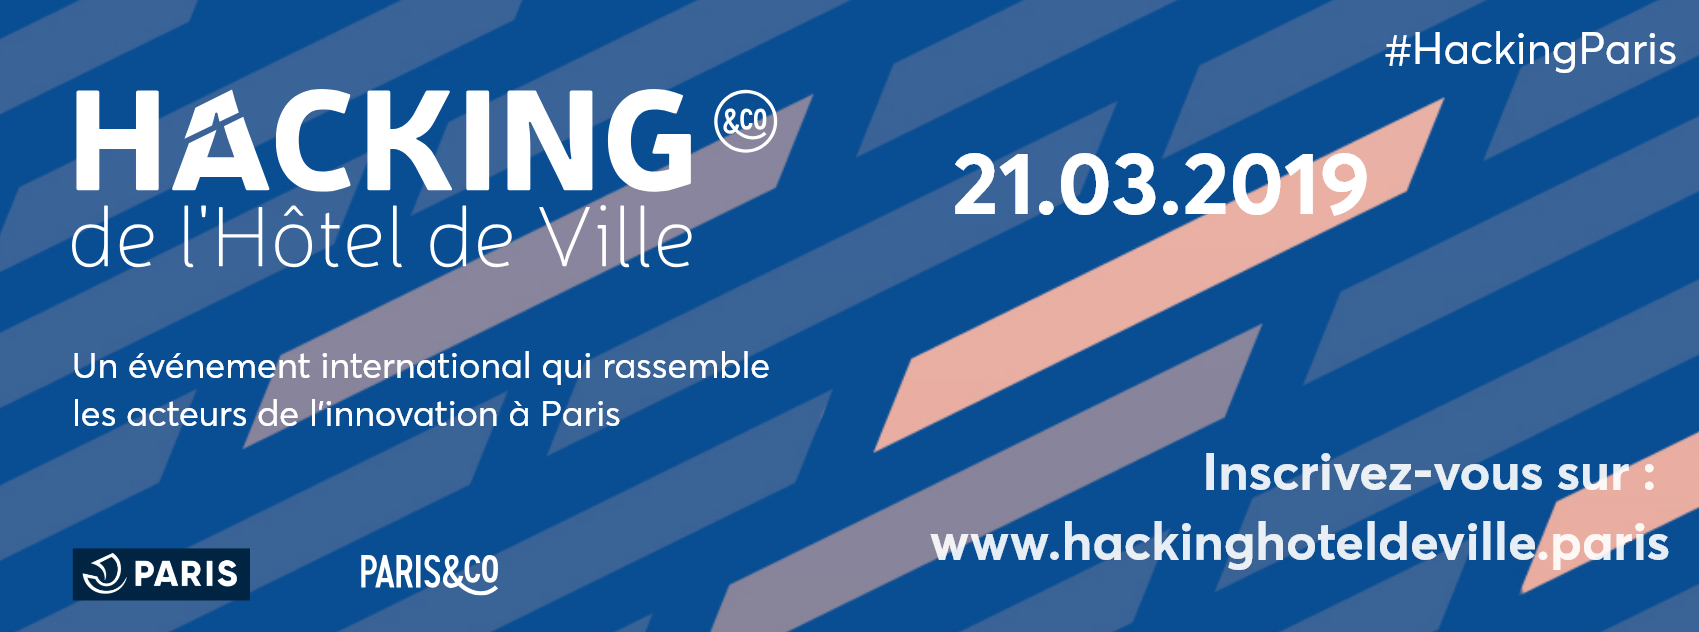 VOGO au HACKING de l'Hôtel de Ville Paris 2019